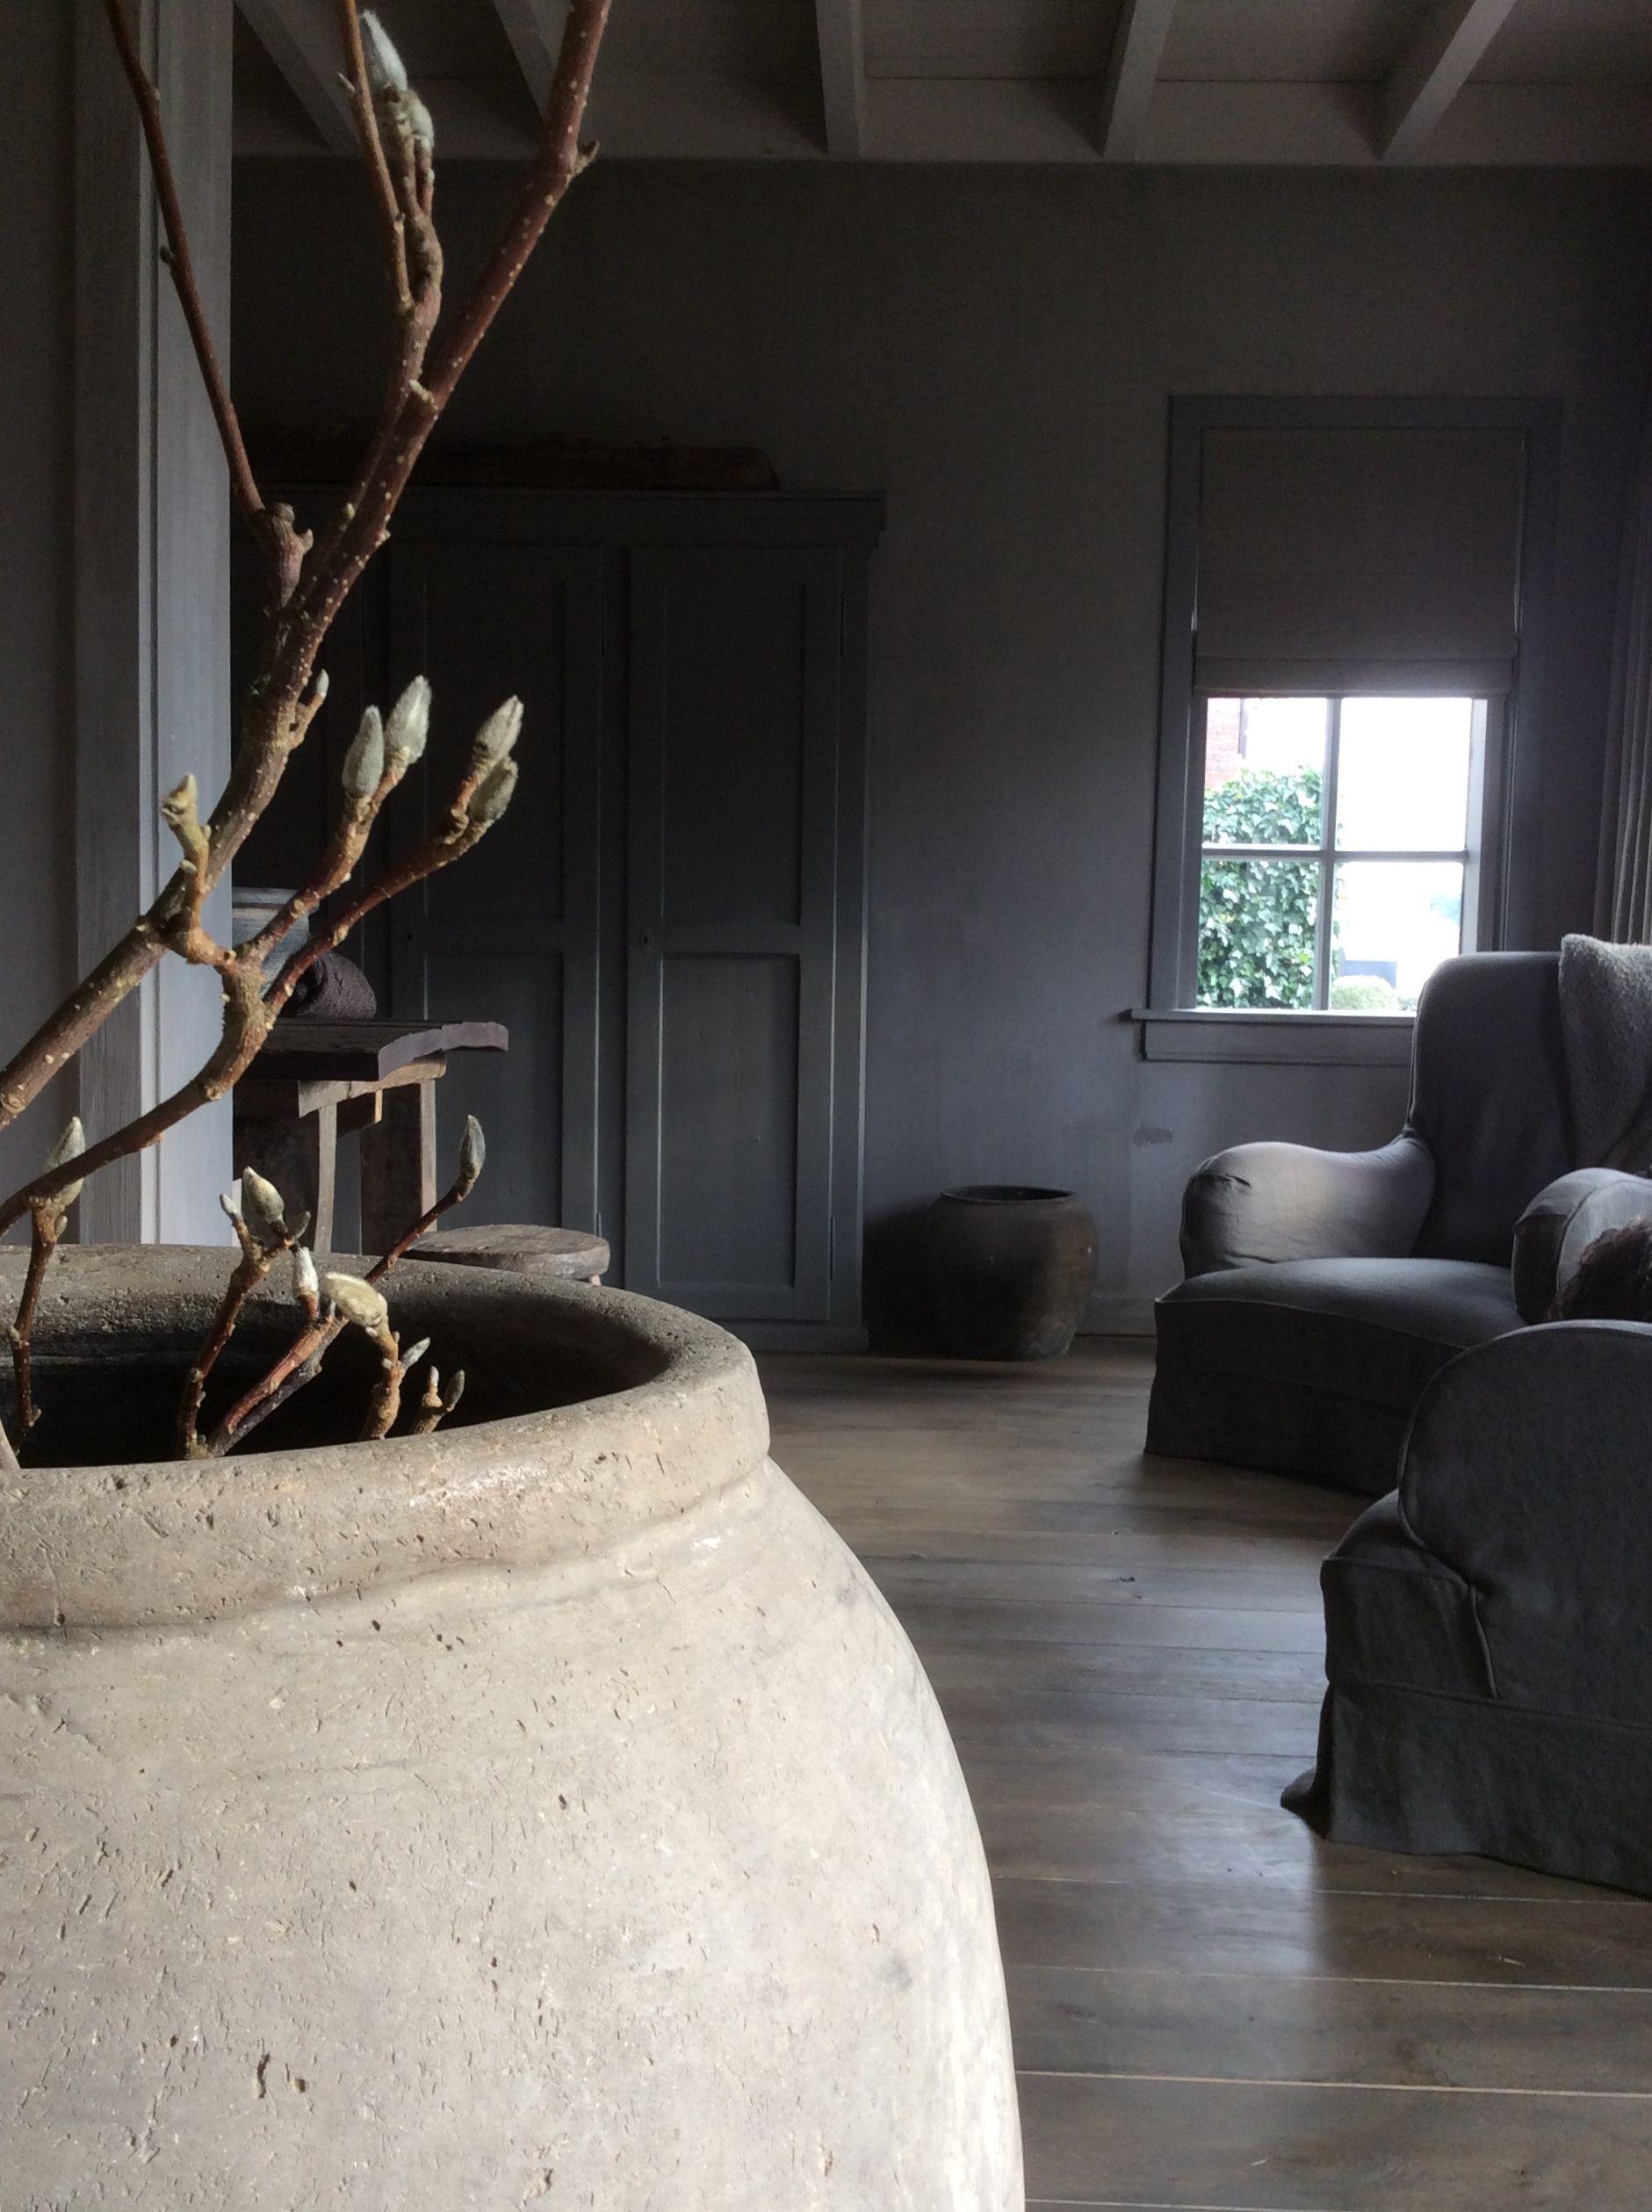 Pin Van Jennifer Blasius Op Mijn Stijl Landelijke Interieurs Interieur Woonkamer Landelijk